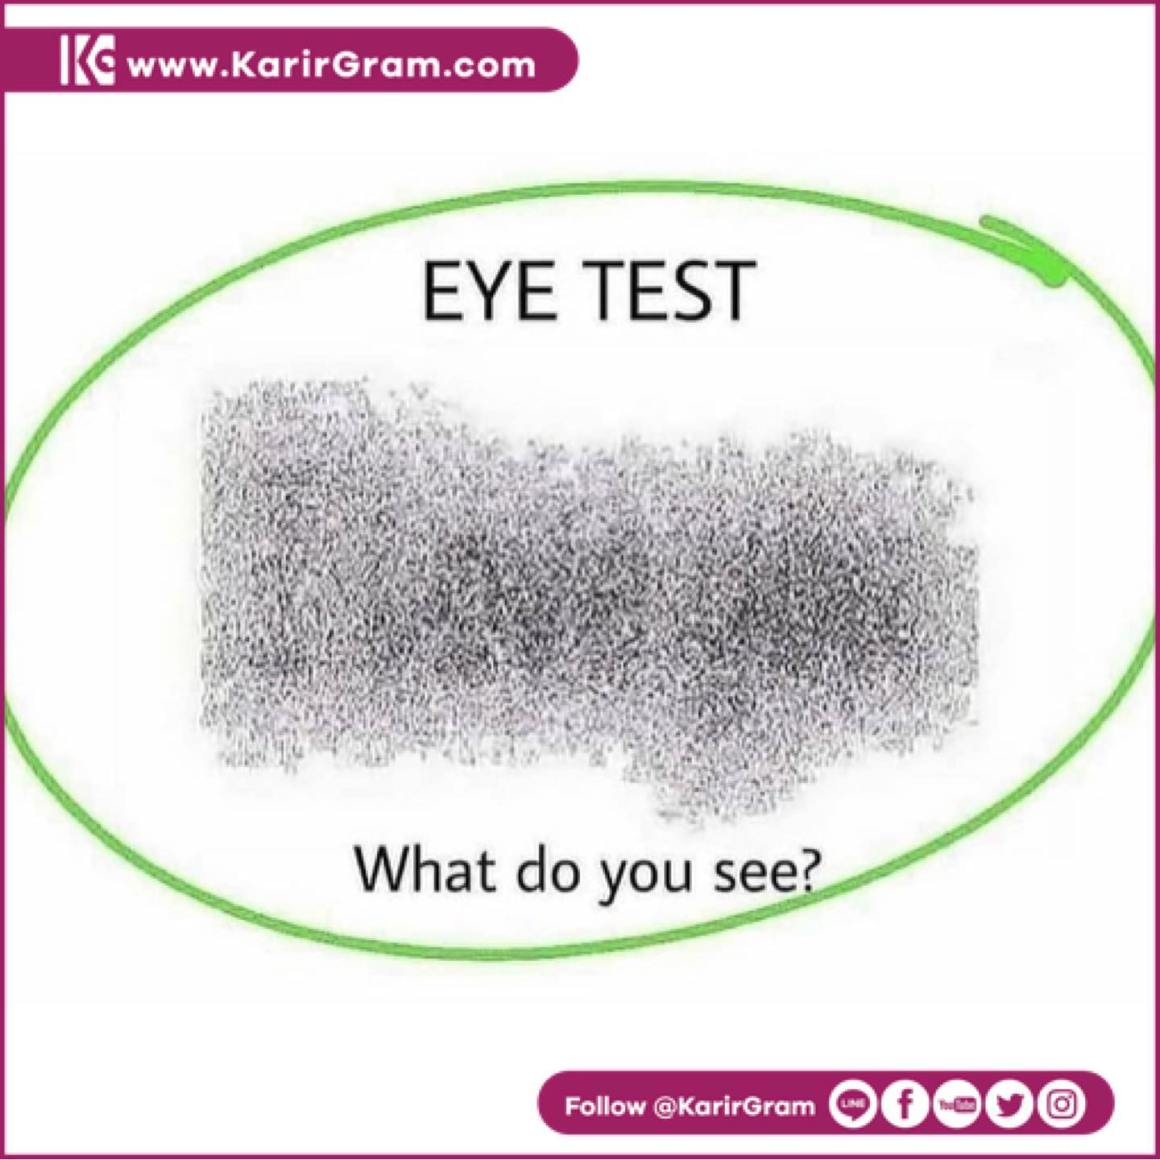 Mari Setelah capek seharian .. test mata Sebentar   Ketik di Kolom Komentar tulisan apa yang terbaca dan tag 3 Teman Anda ️  Silahkan Dicoba